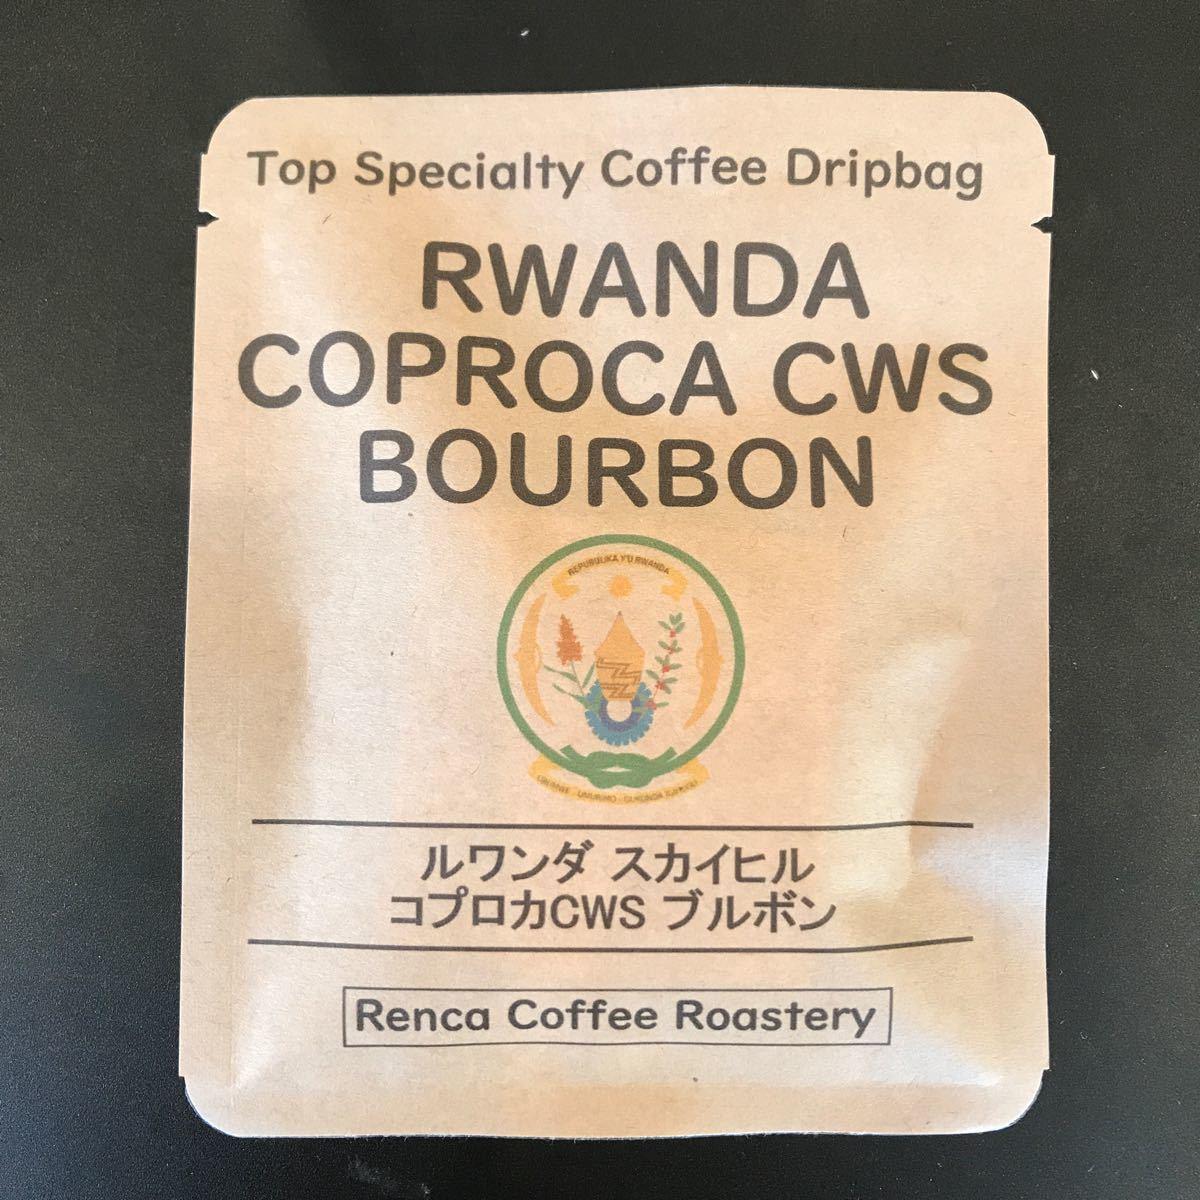 ドリップバッグ ルワンダ スカイヒル 中深煎り ドリップコーヒー 12袋